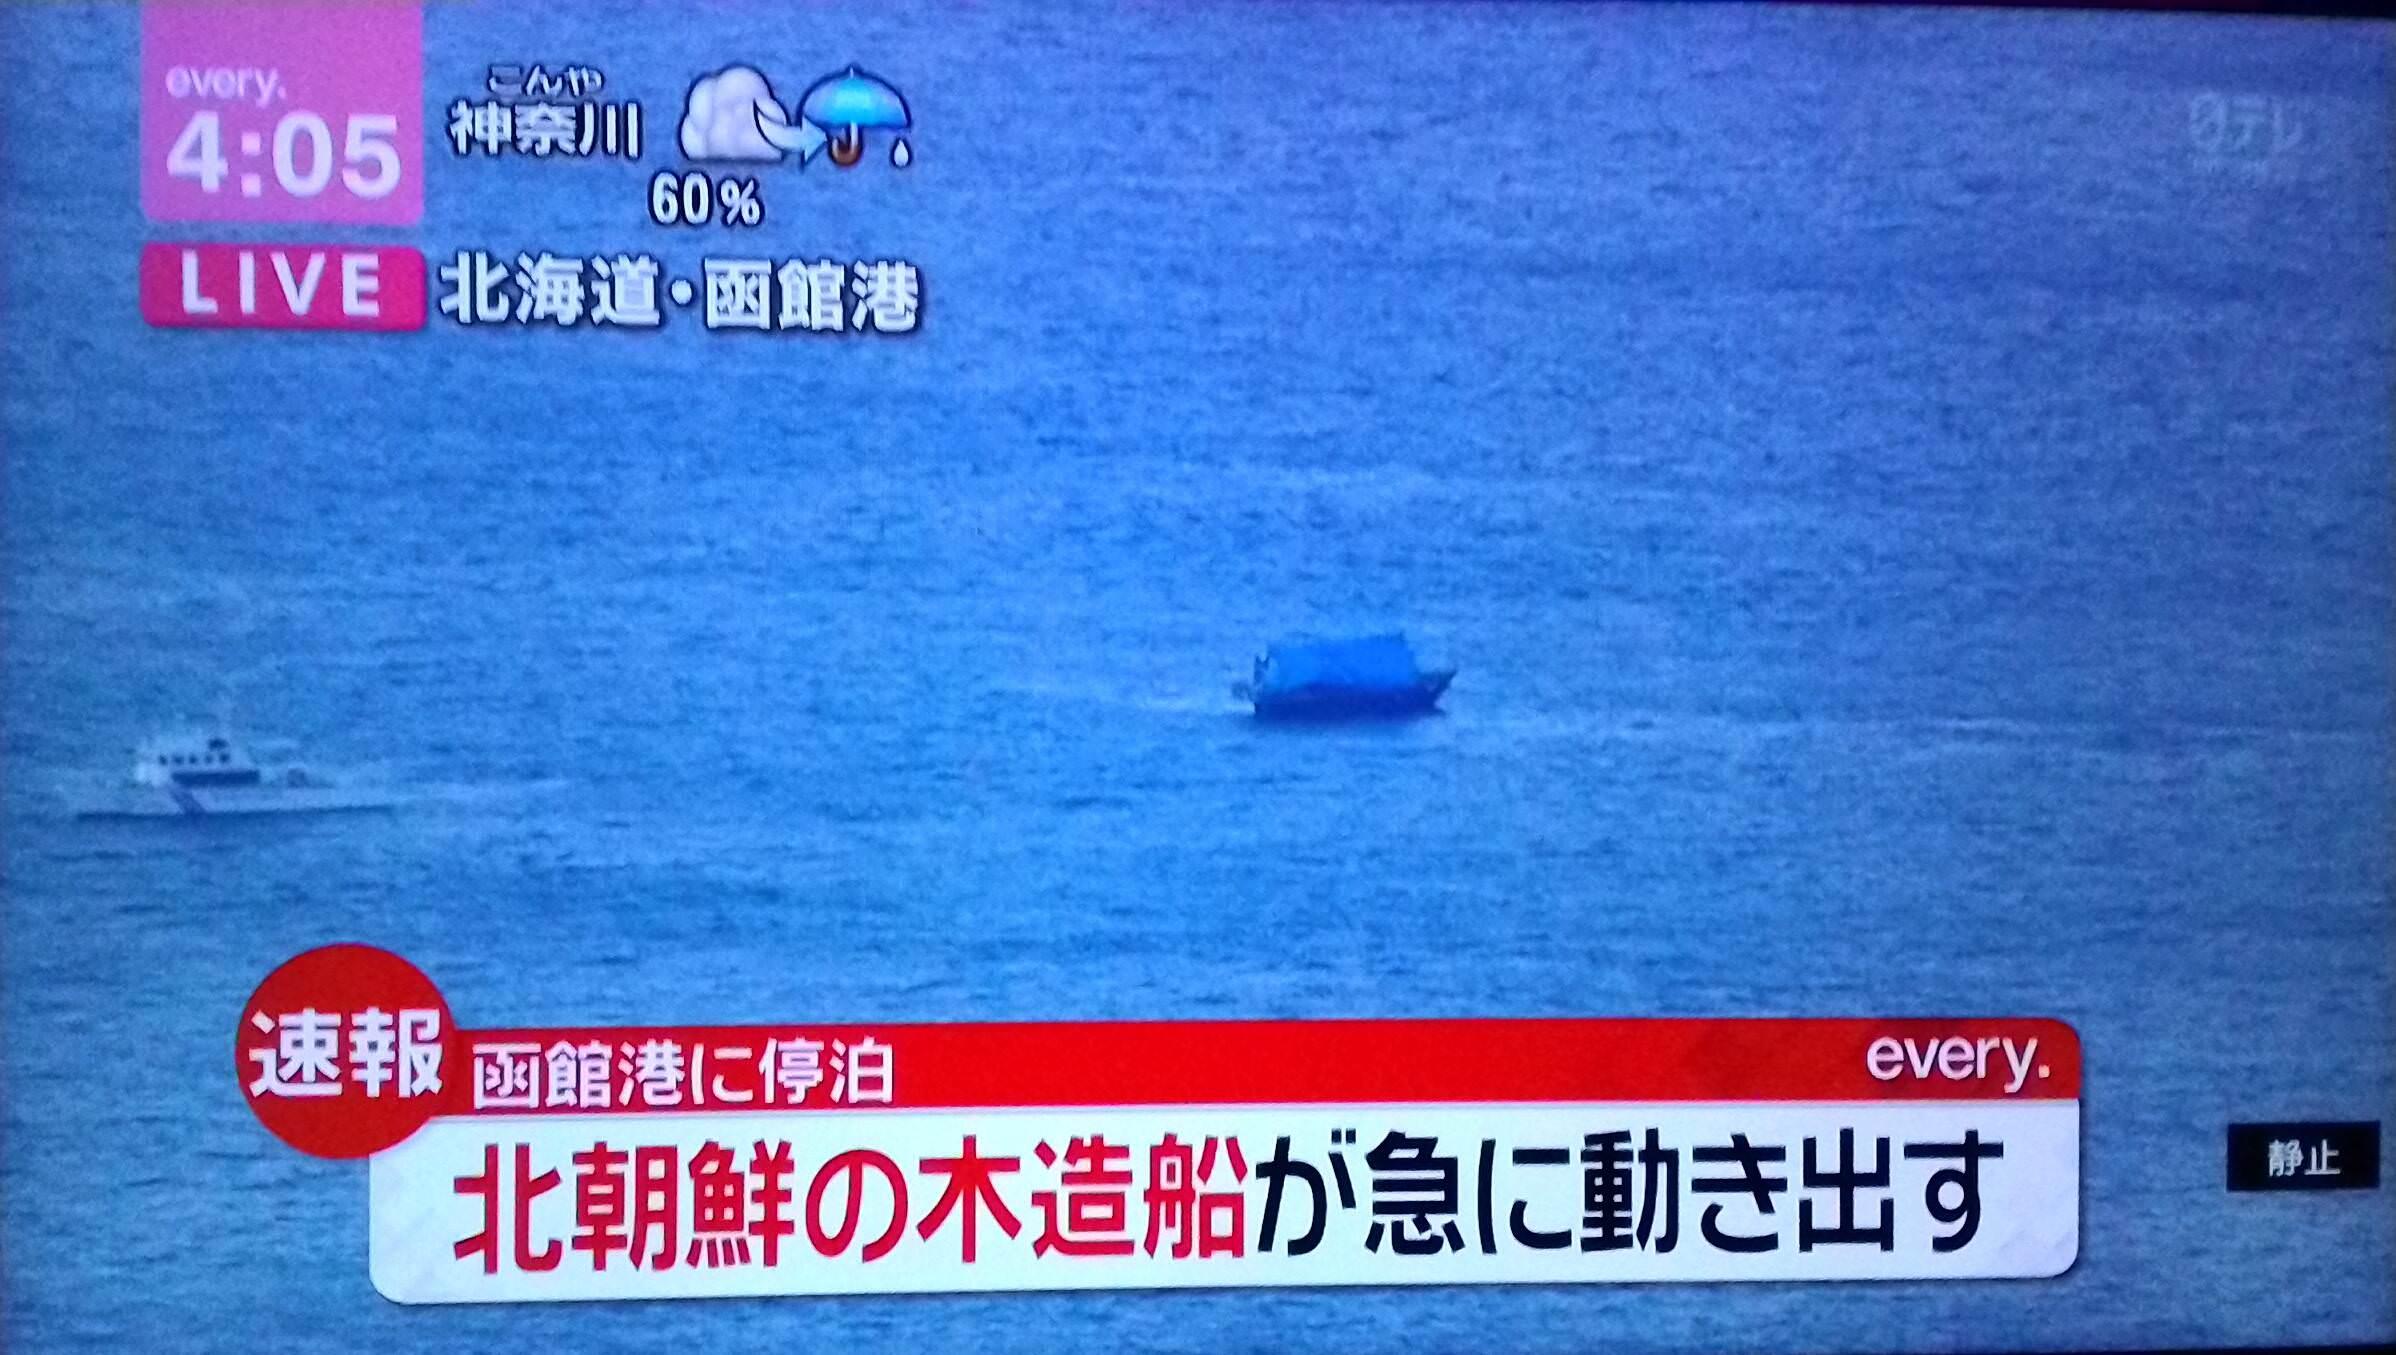 【衝撃】北朝鮮の木造船が逃走wwwwwwwwww のサムネイル画像